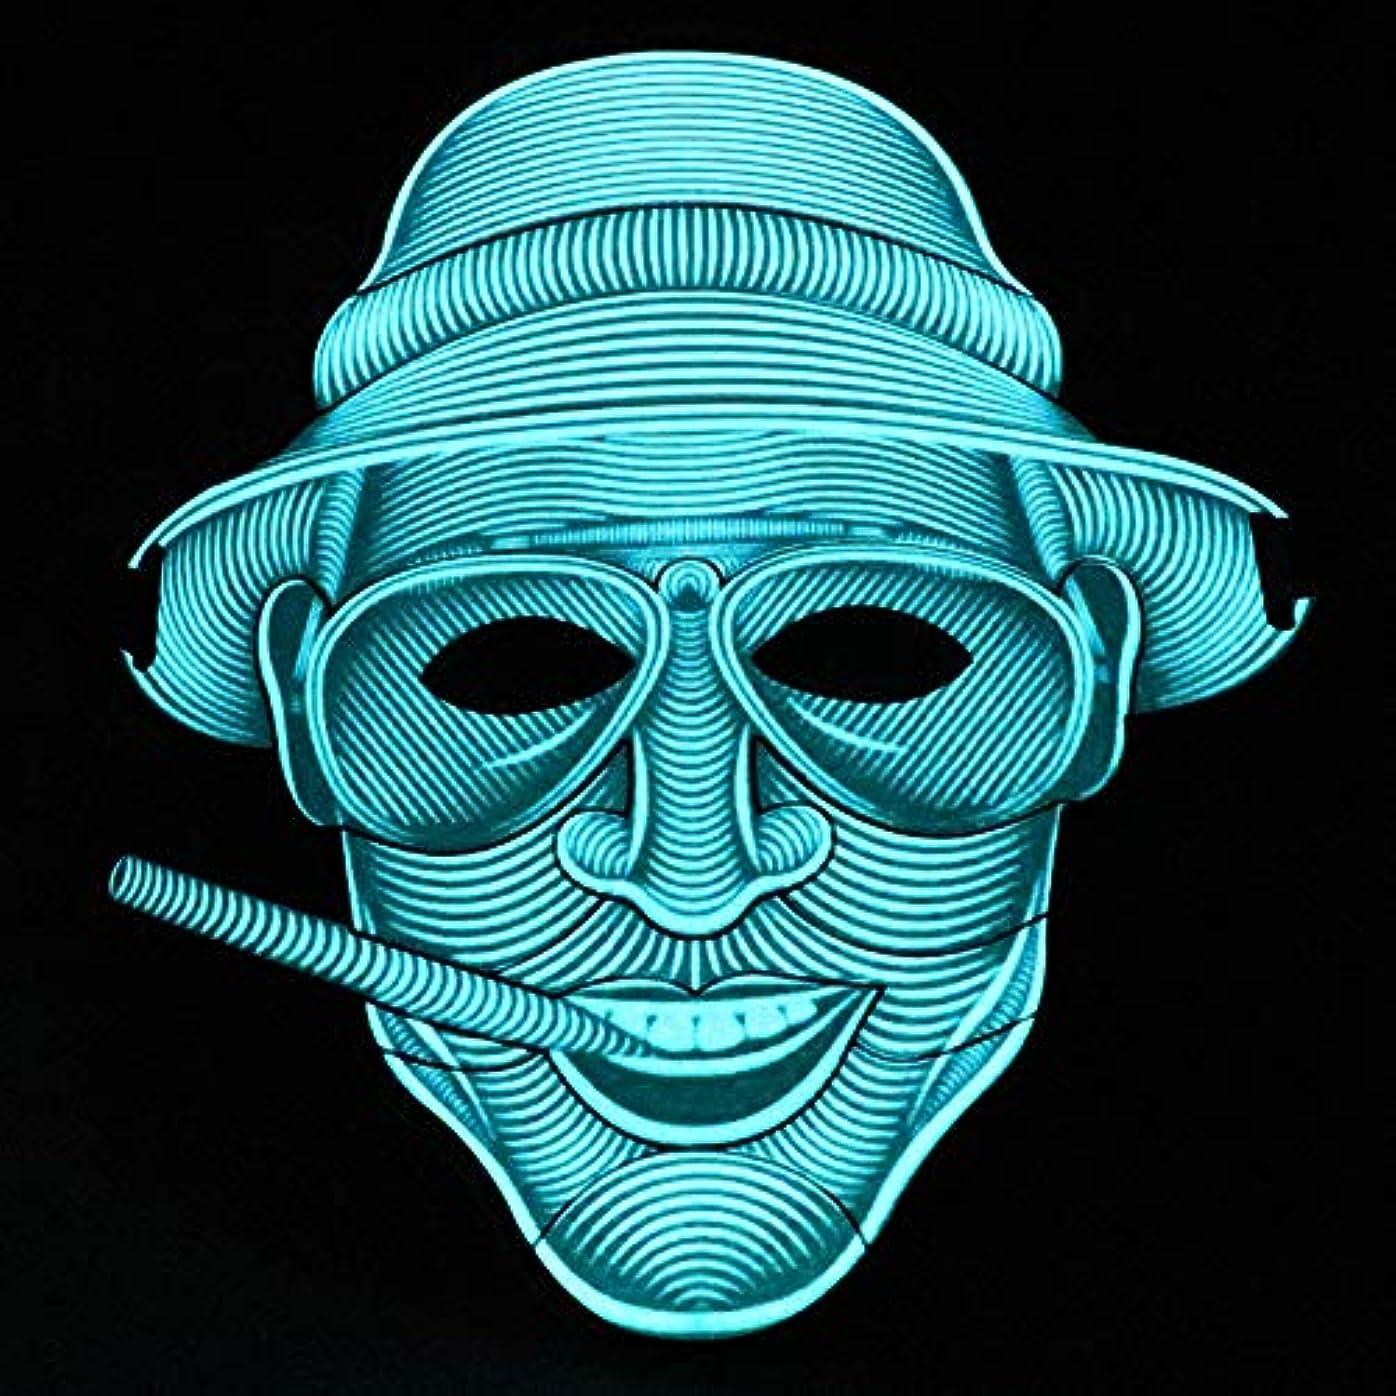 微妙陰気被る照らされたマスクLED創造的な冷光音響制御マスクハロウィンバーフェスティバルダンスマスク (Color : #12)